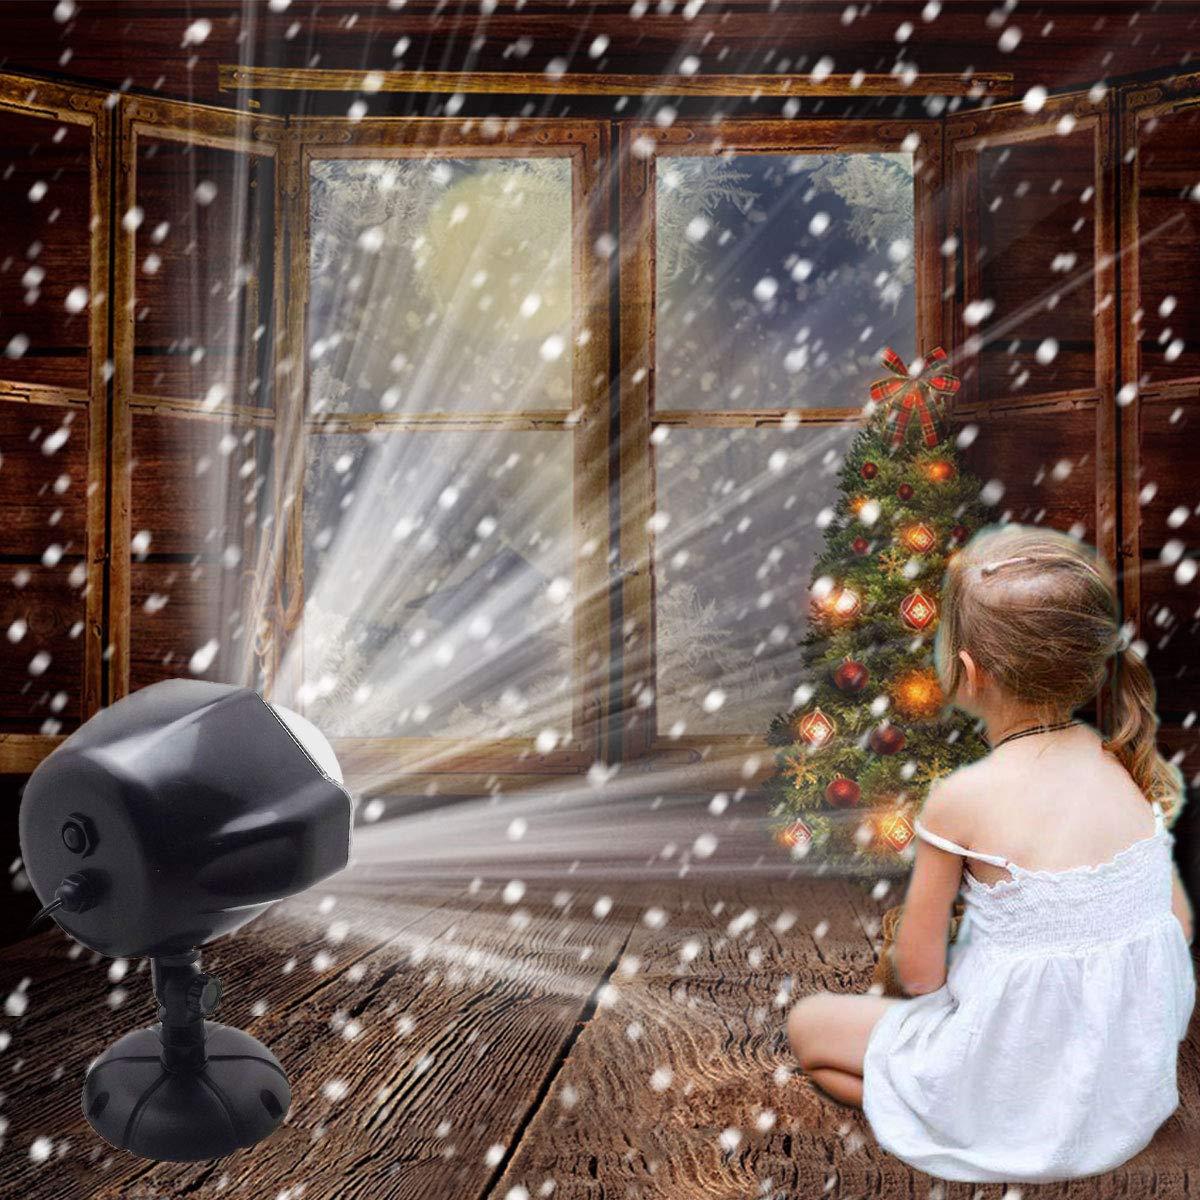 7d0238d1386 GESIMEI Proyector Navidad LED Nieve Luz del Proyector con Control Remoto  Impermeable Iluminación de Jardín Lámpara de Proyección para Fiesta Boda ...